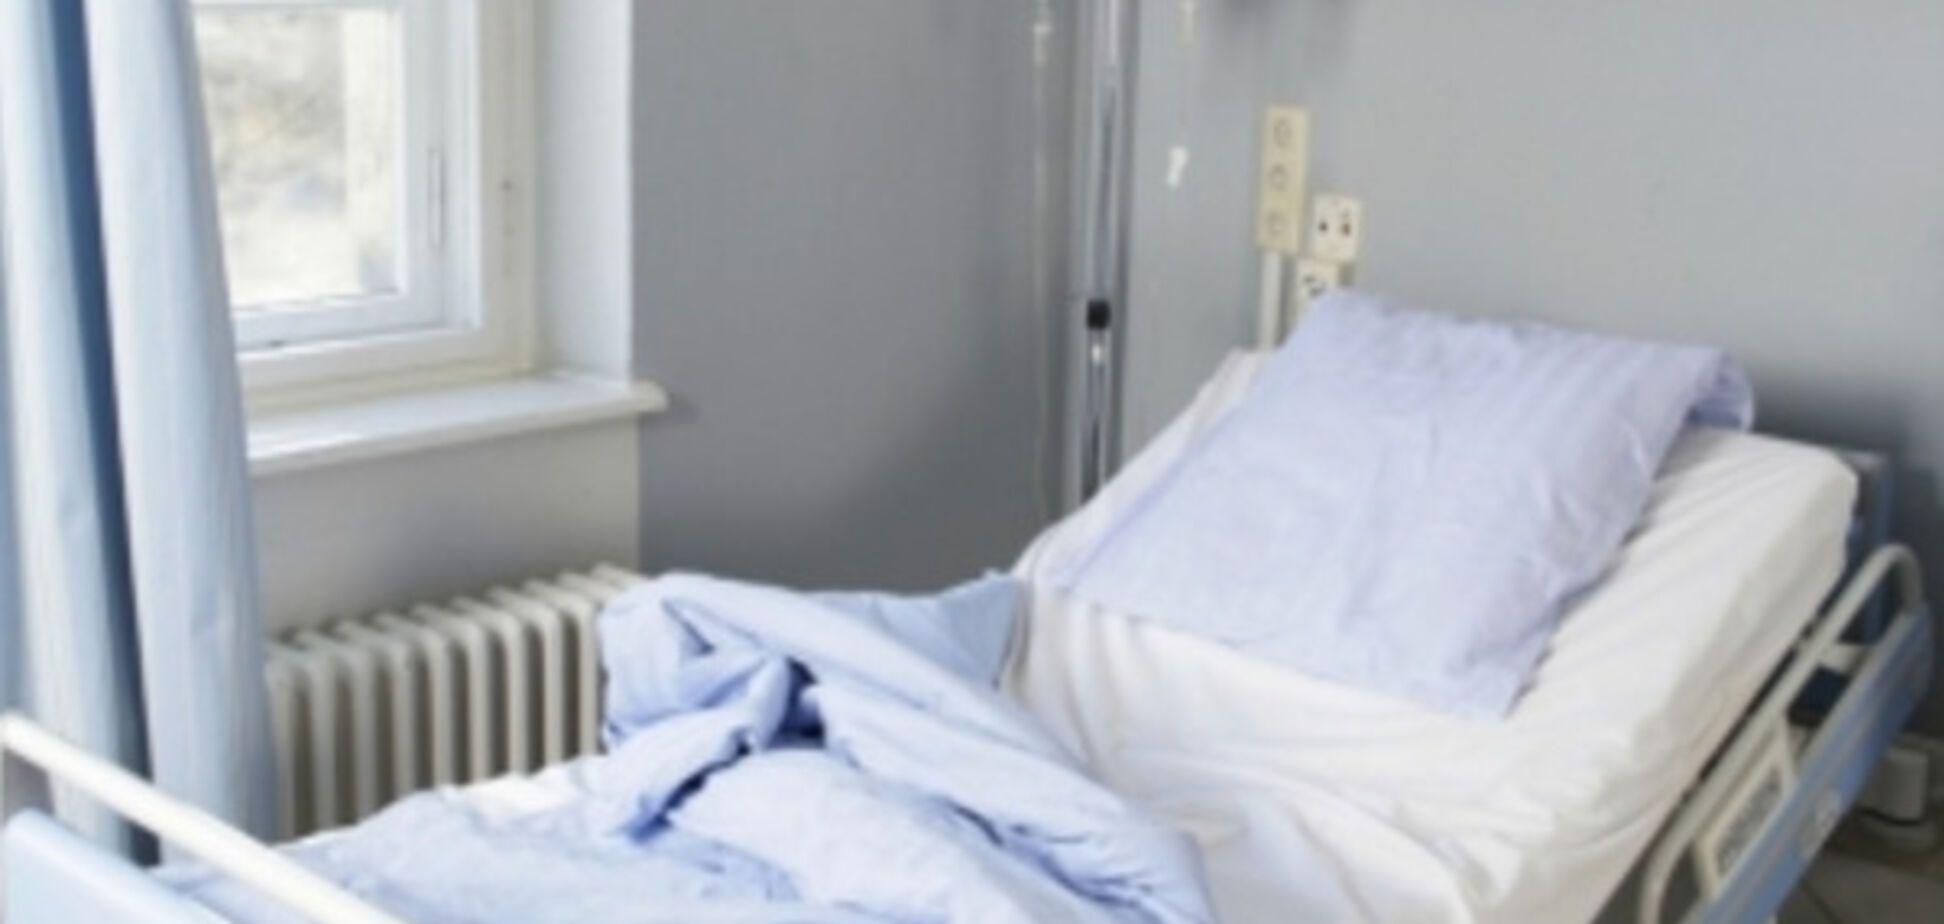 В Запорожье мужчина с огнестрельными ранениями сбежал из больницы